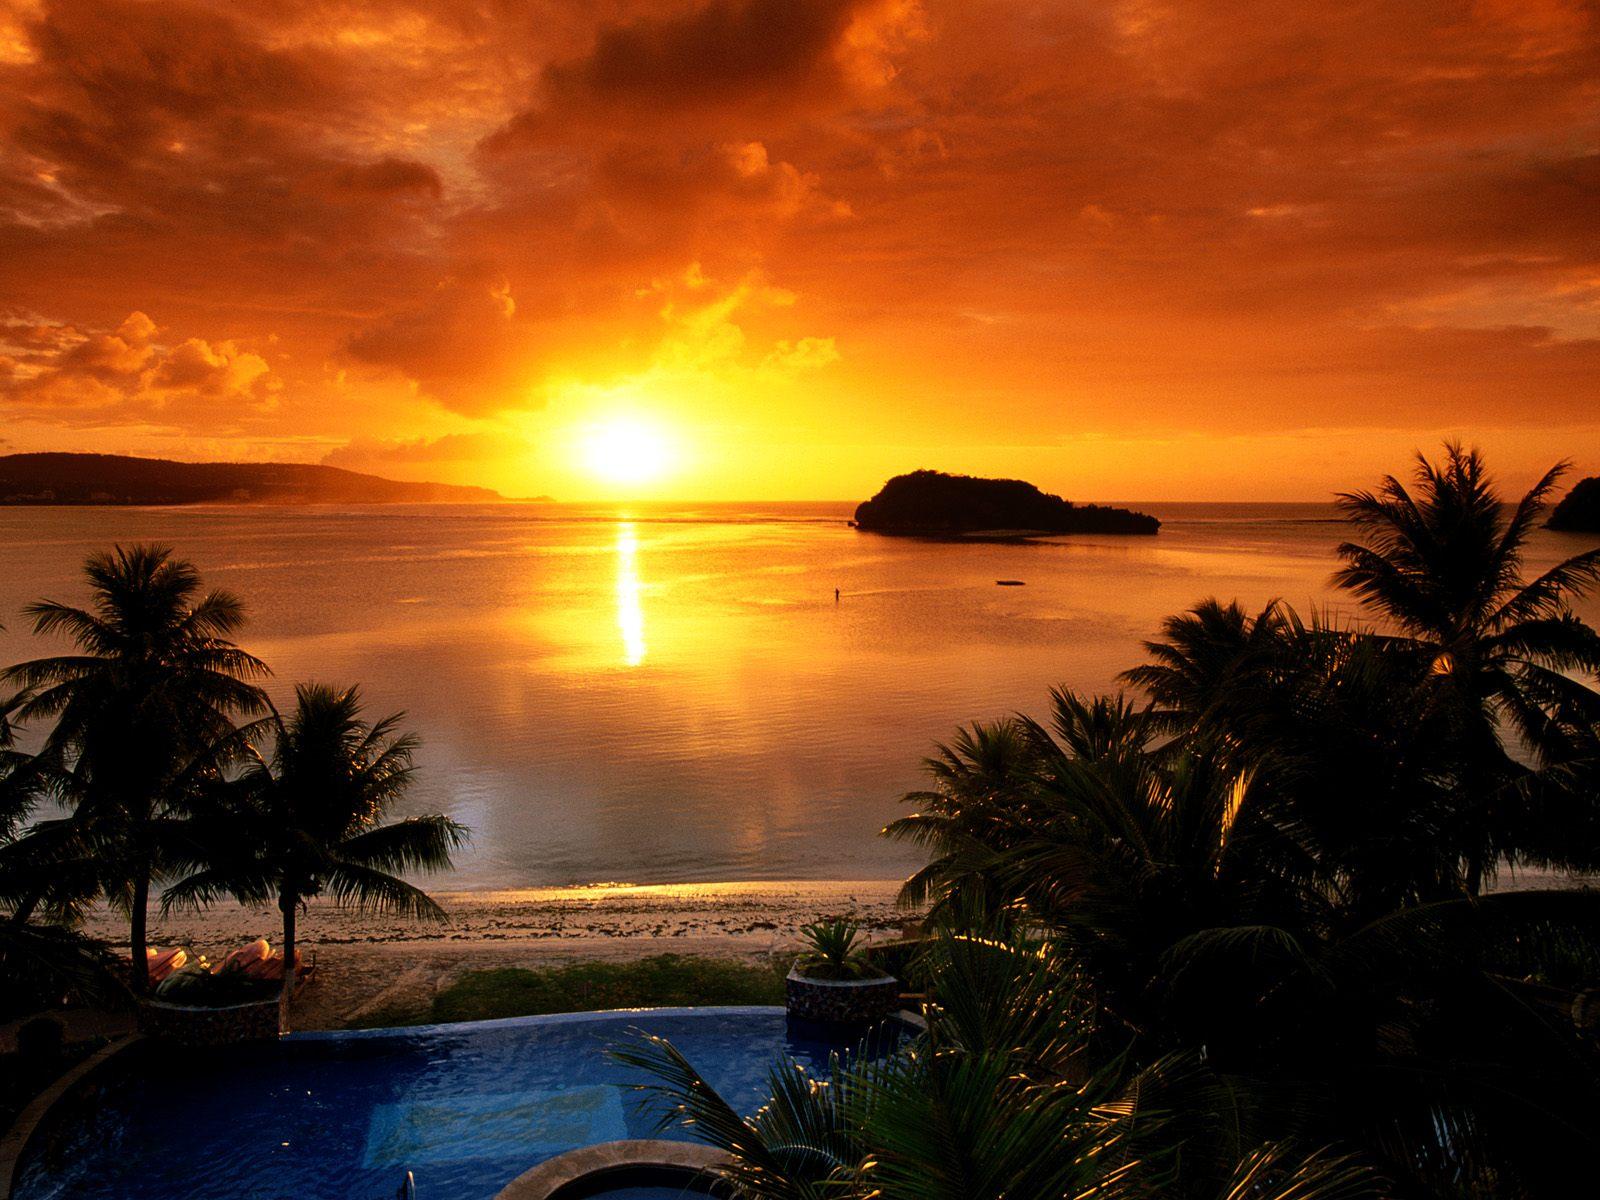 sunrise - photo #38